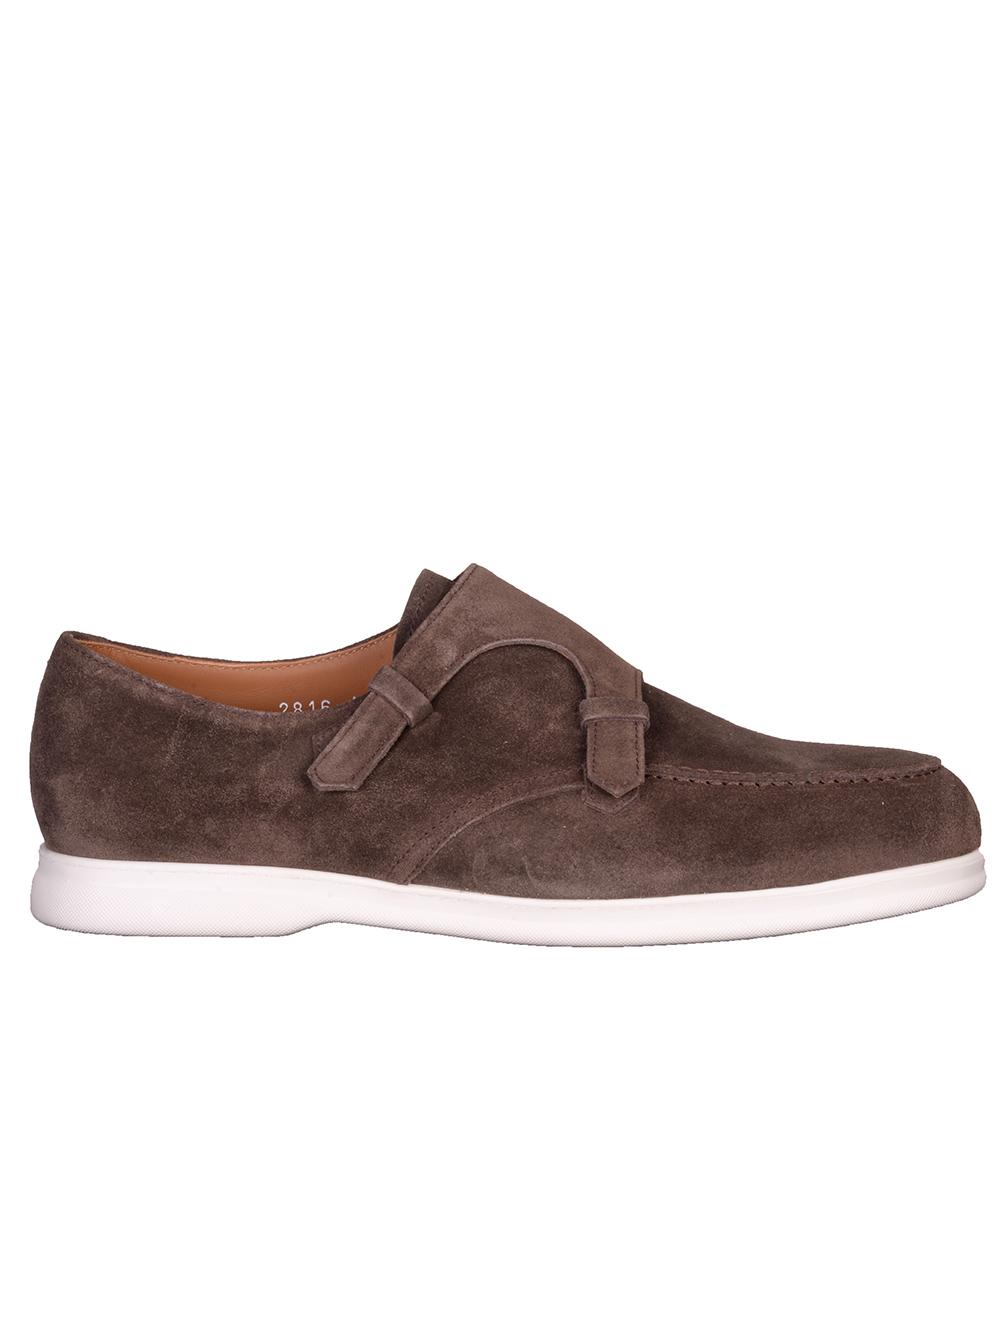 DOUCAL'S Παπούτσια μοκασίνι ARTHUΥ 106IM06 ΚΑΦΕ